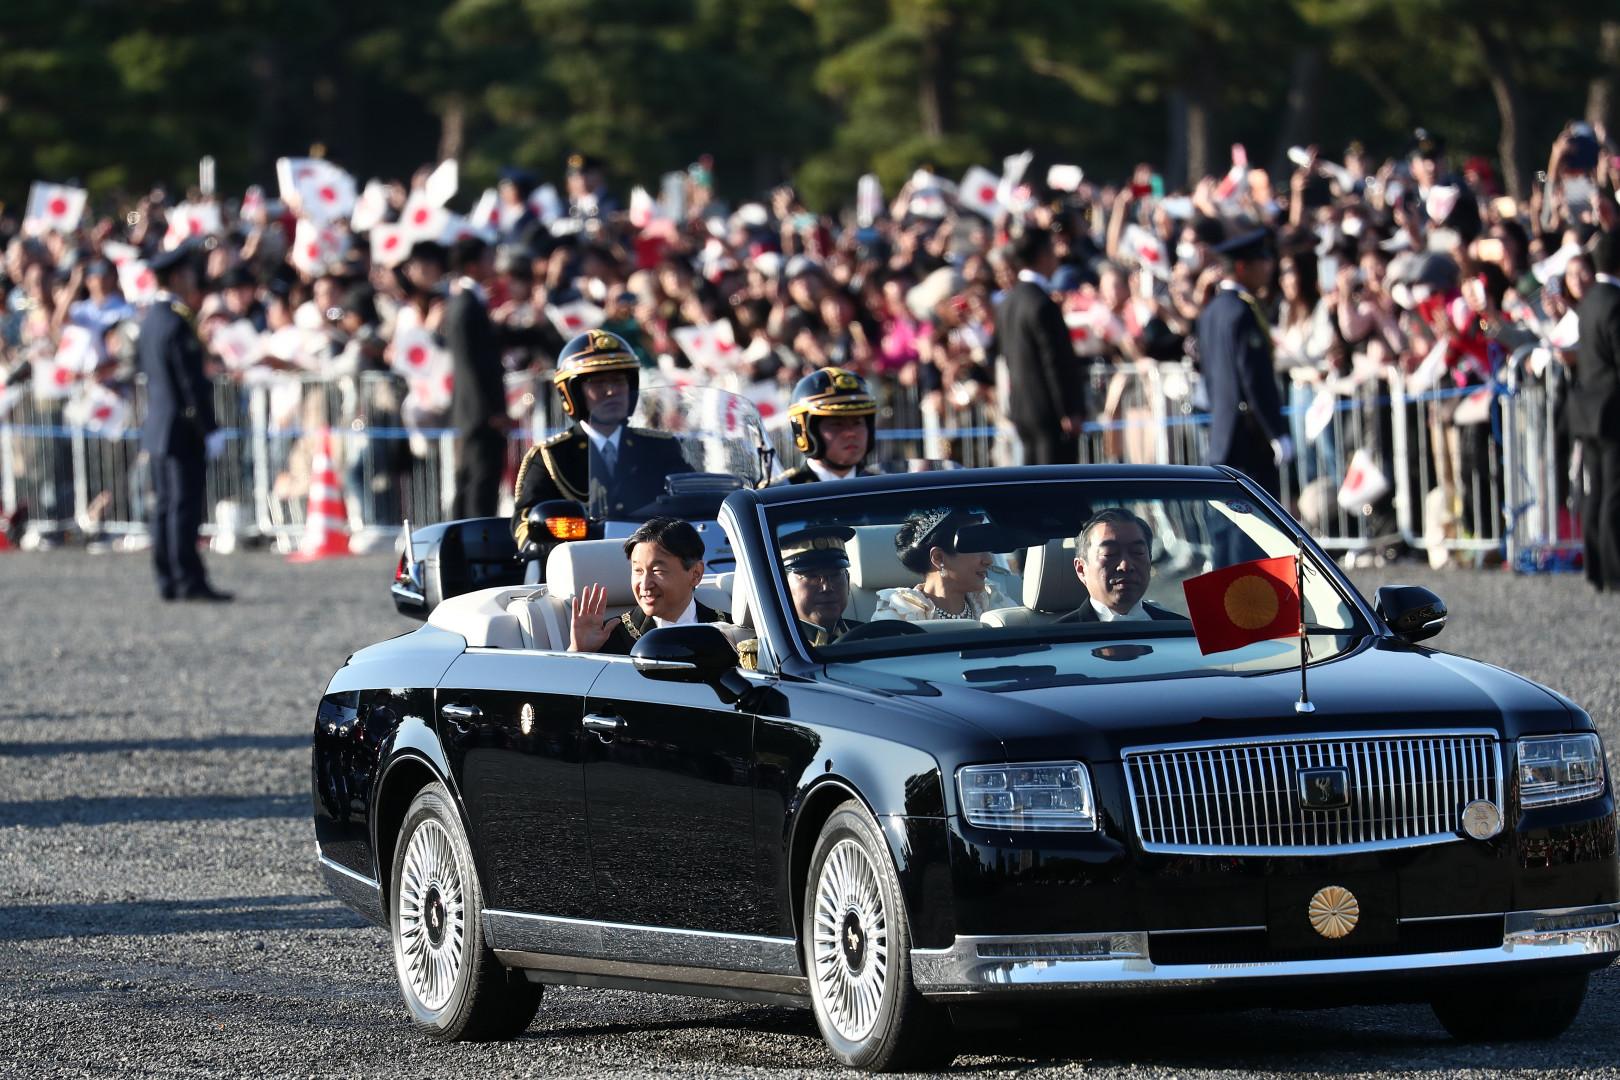 Le nouvel empereur Naruhito et l'impératrice Masako ont effectué un rarissime défilé en décapotable à travers Tokyo